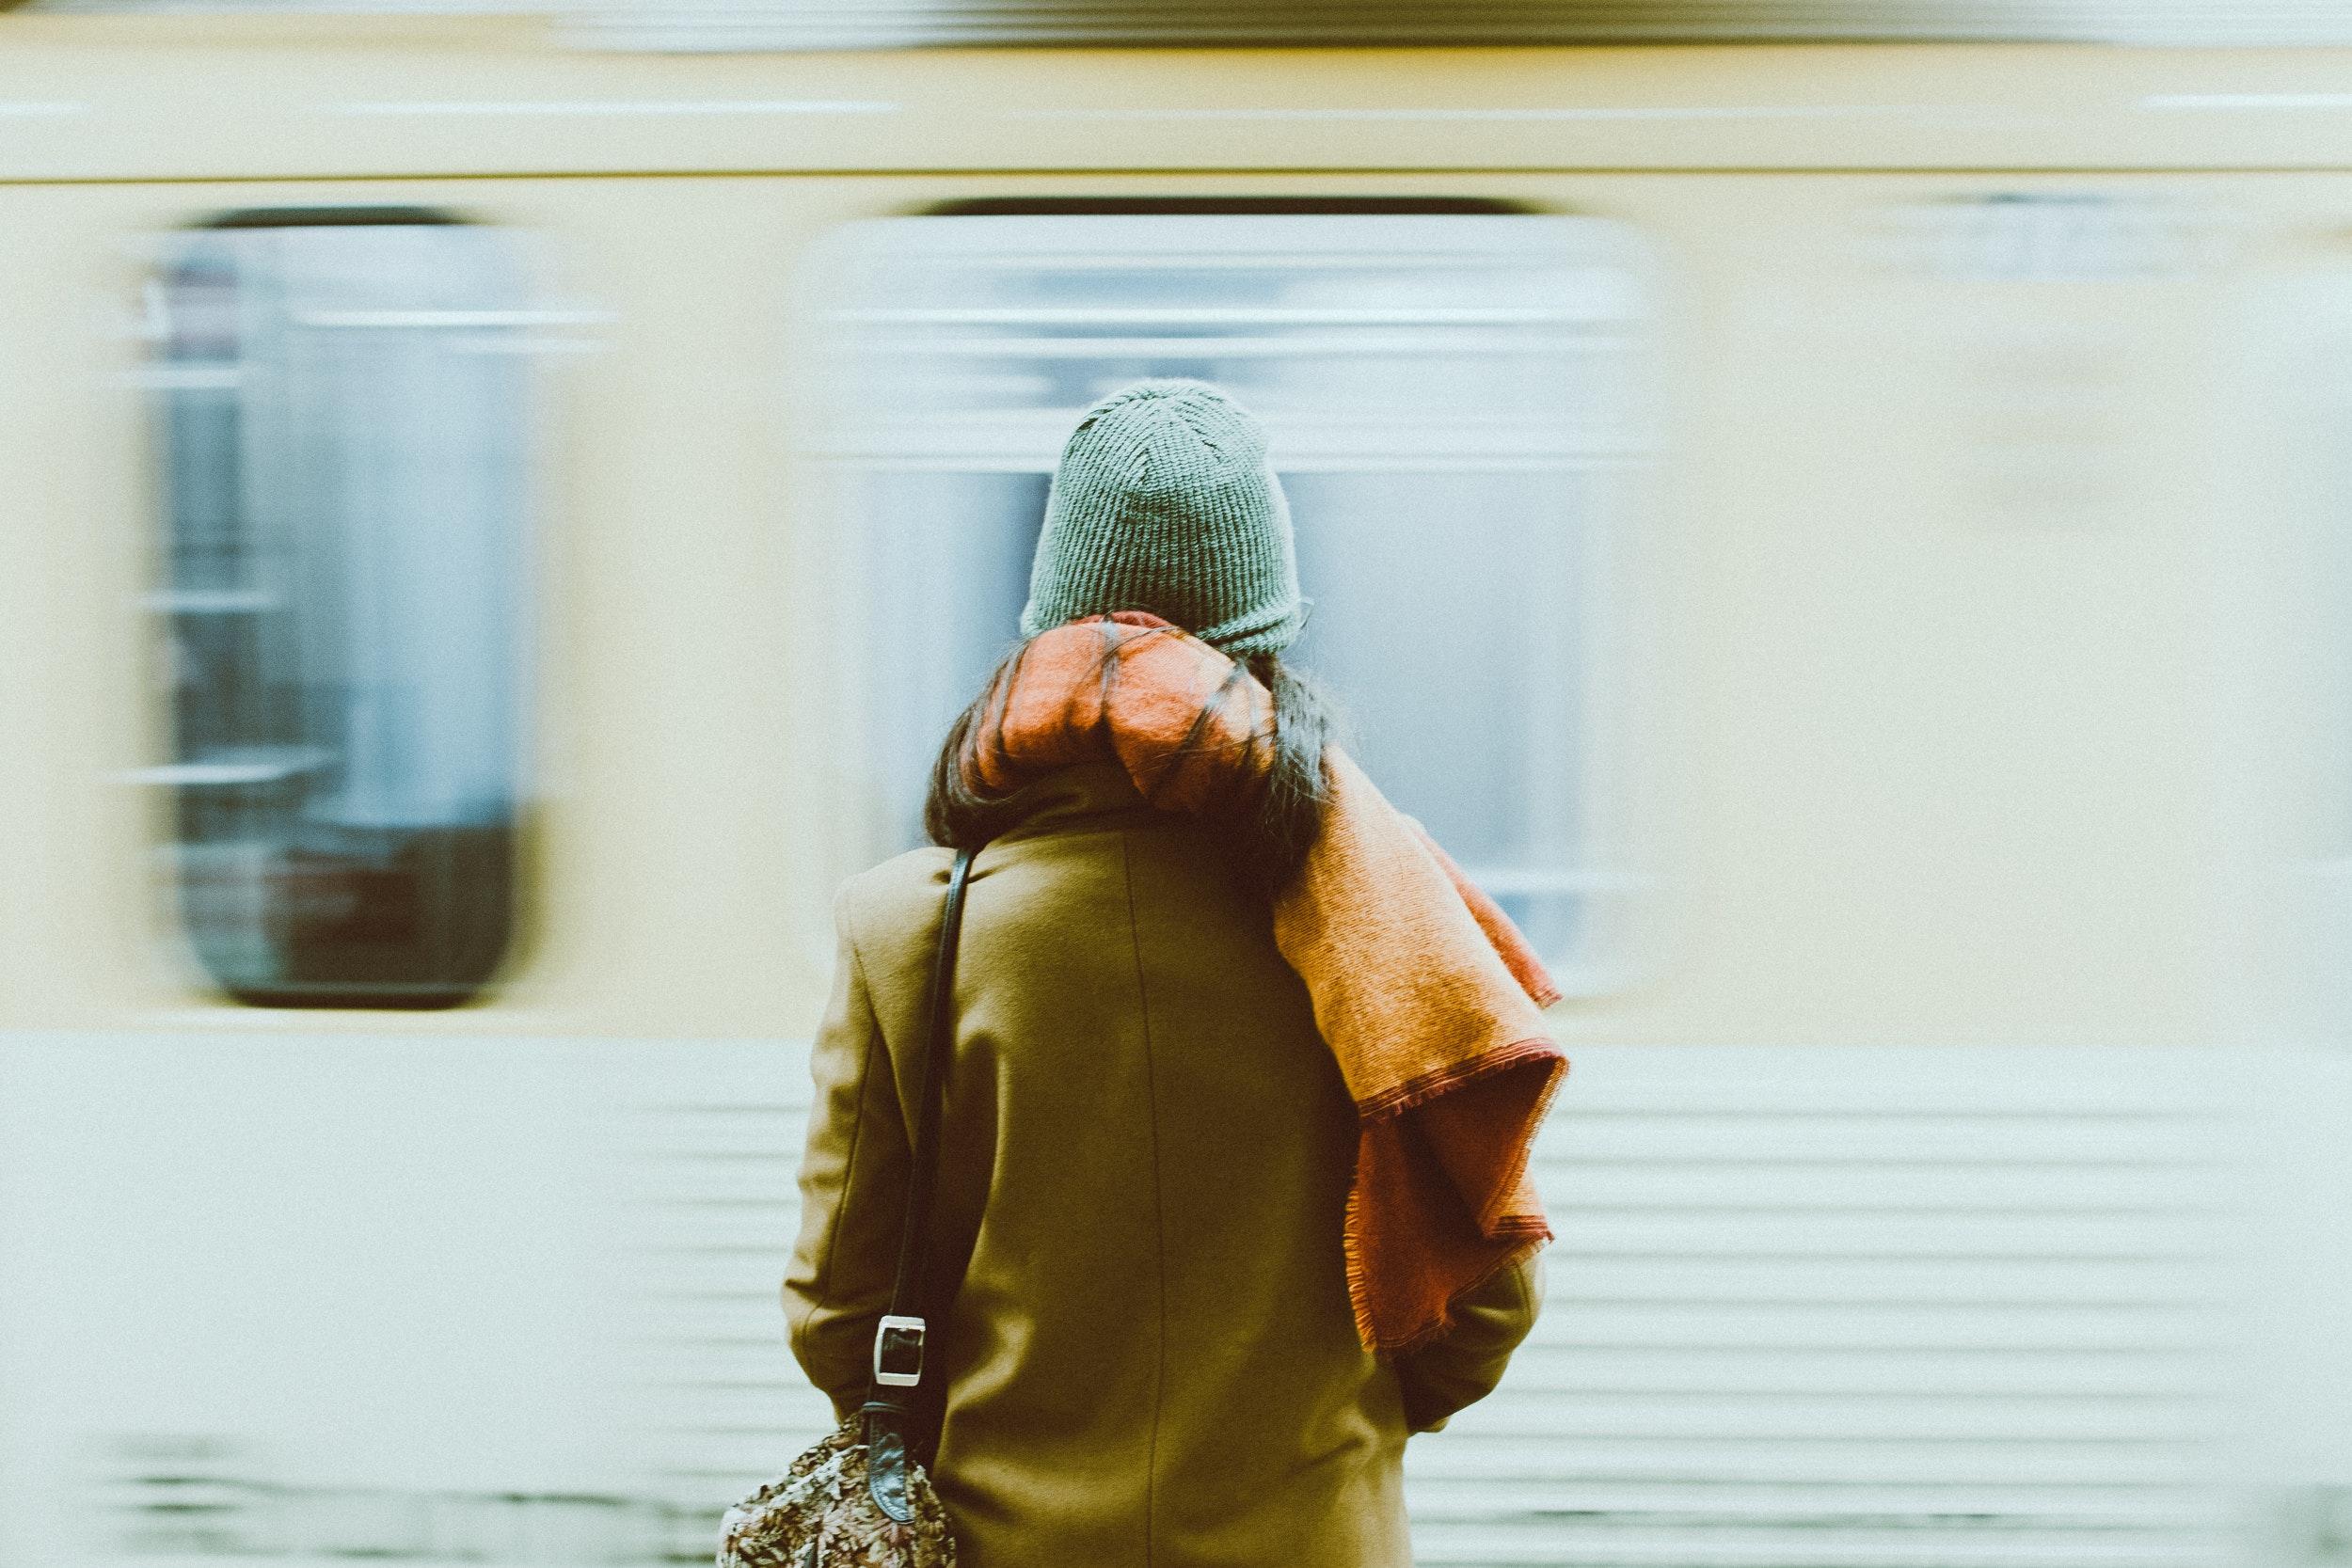 Pessoa com roupas de frio, de costas, observando o metrô que passa com velocidade.